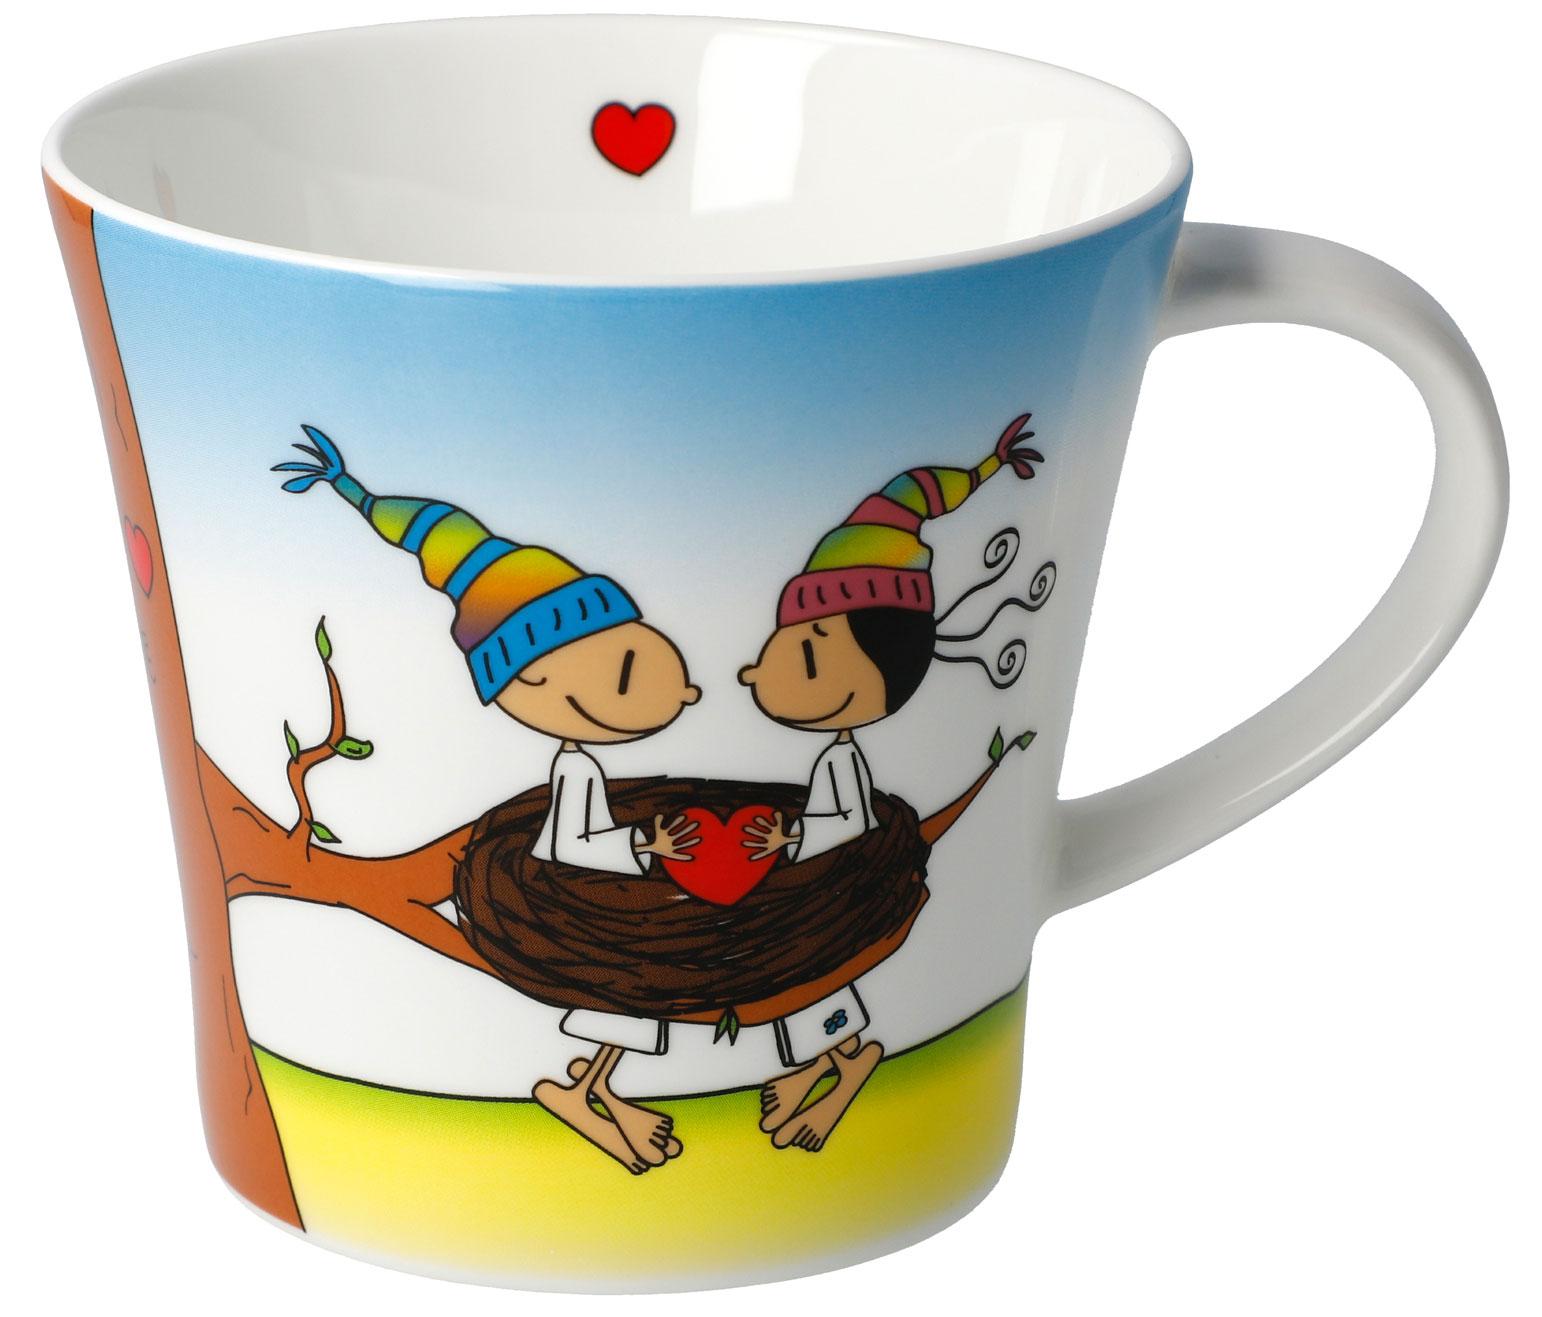 Göbel Der kleine Yogi Glück ist Zeit Kaffeetasse Künstlertasse 54101881